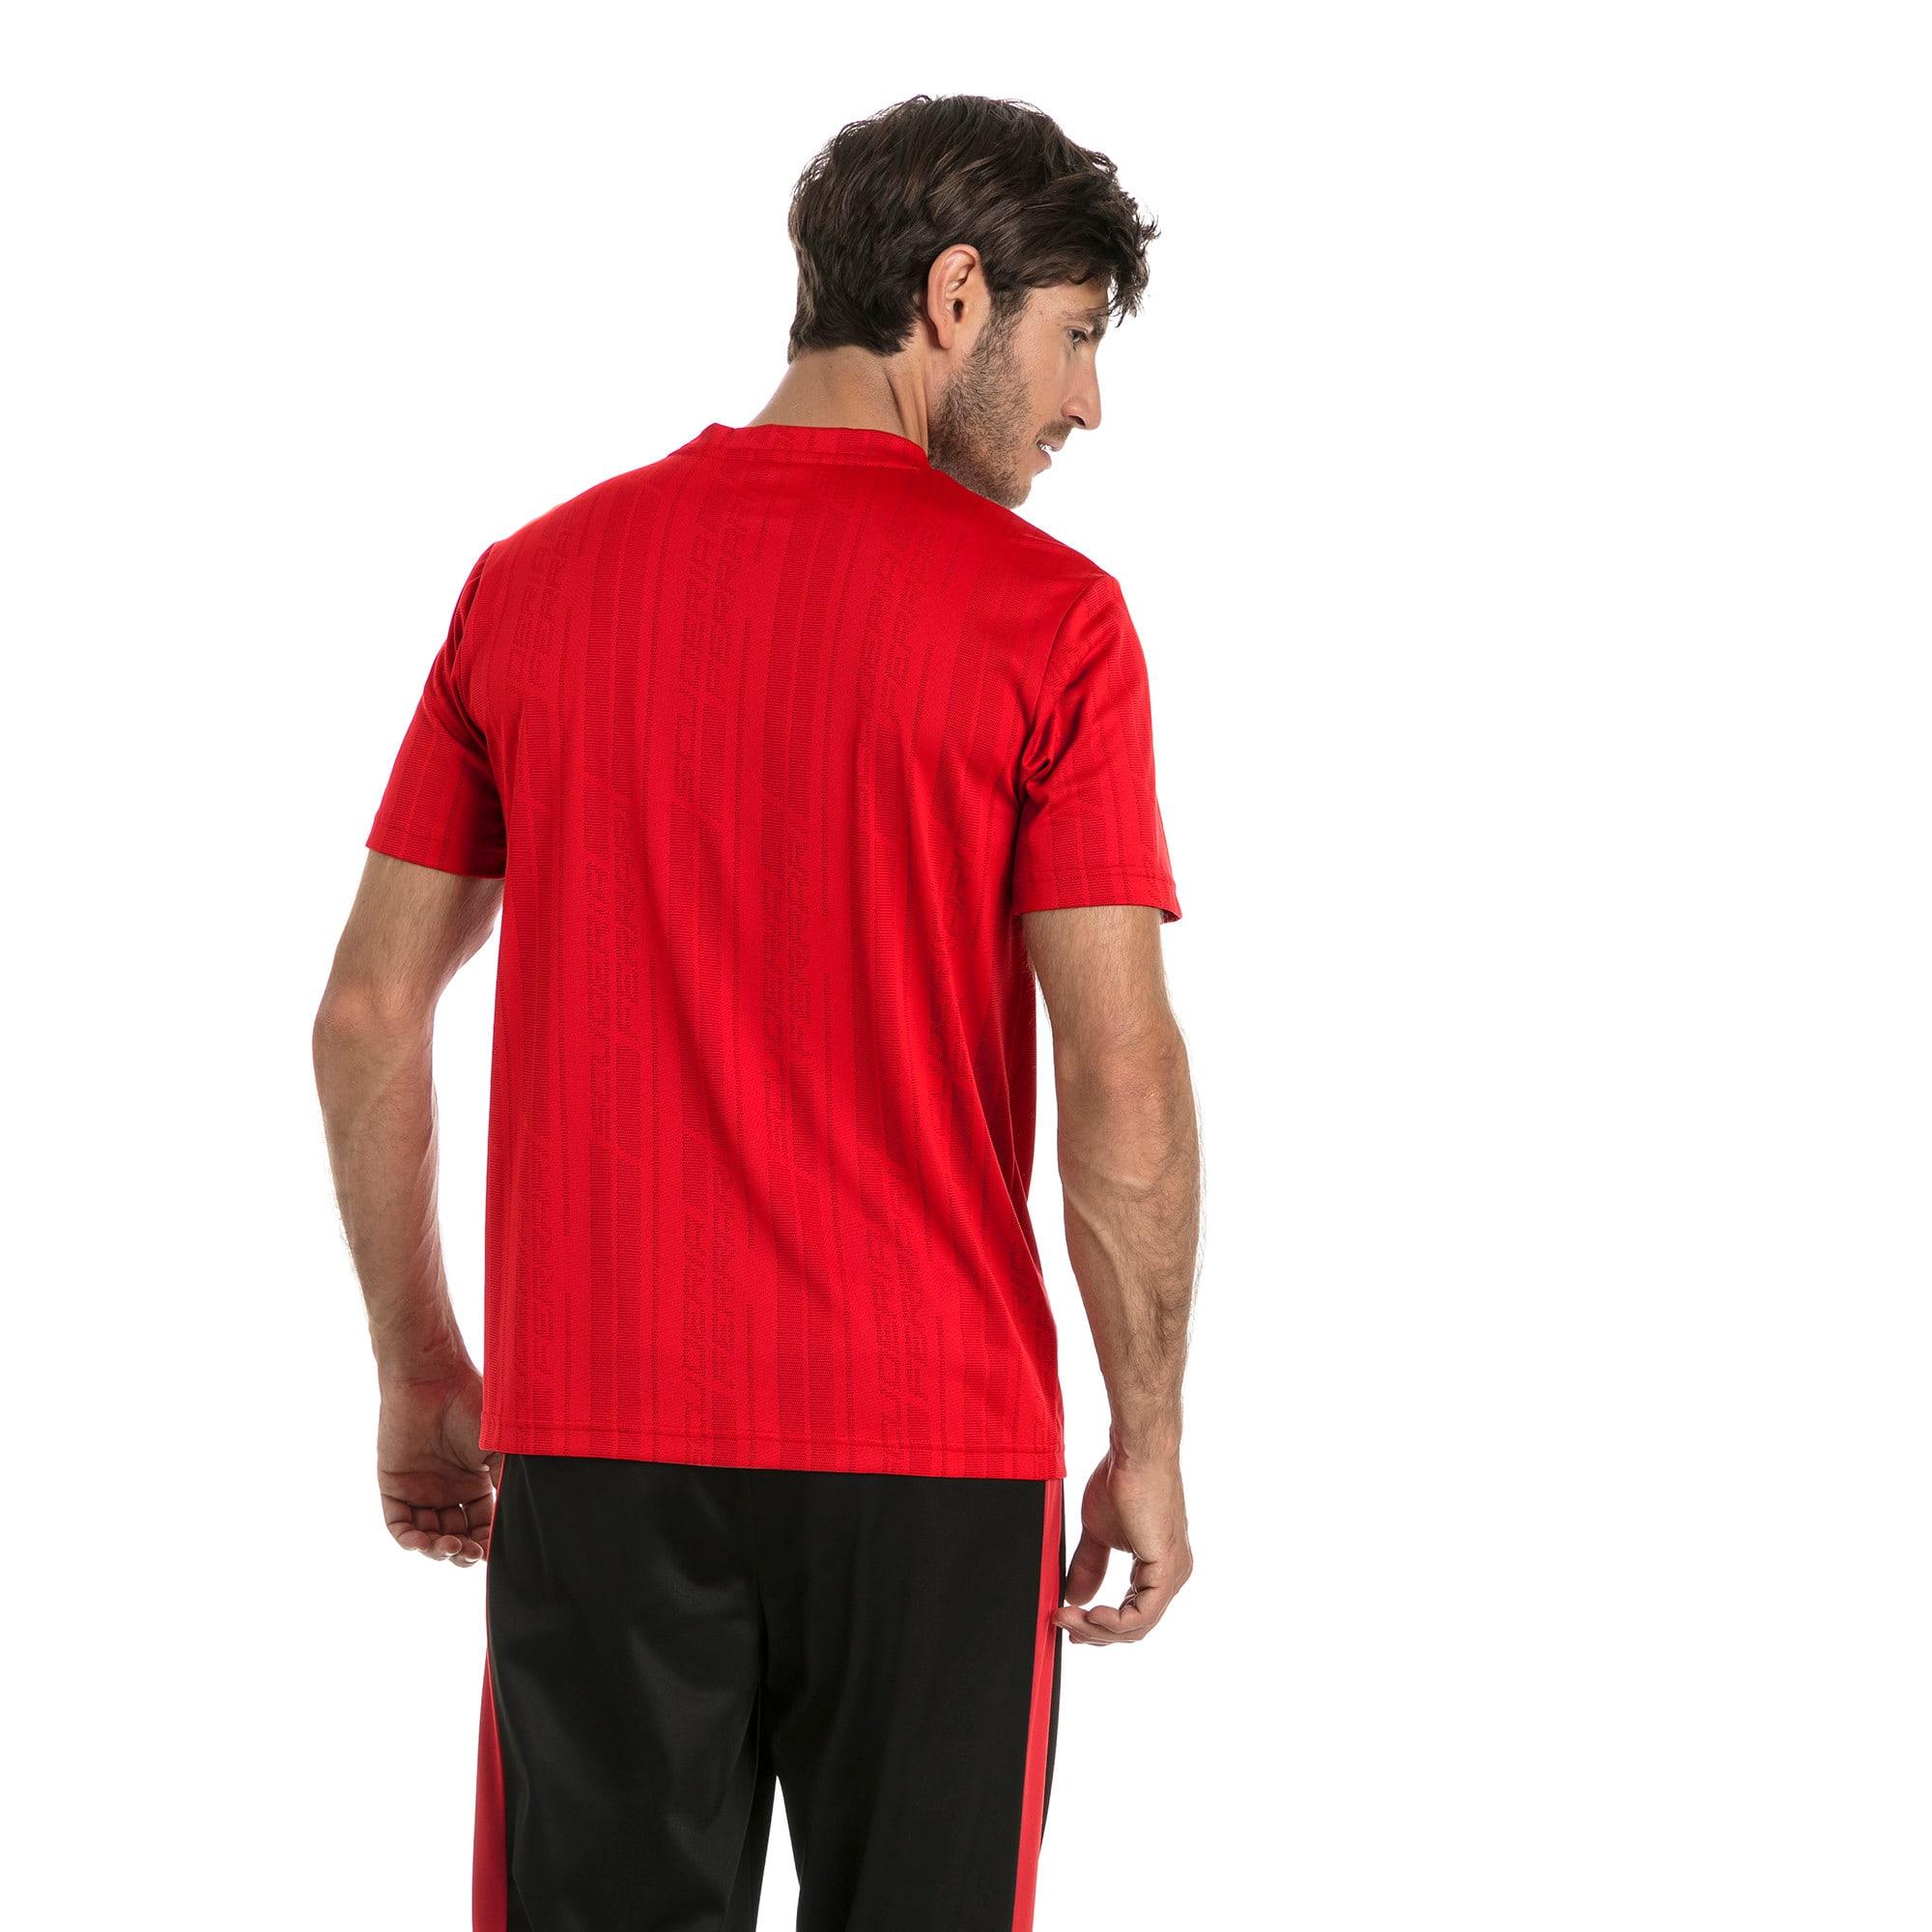 Thumbnail 3 of Ferrari Men's Jacquard T-Shirt, Rosso Corsa, medium